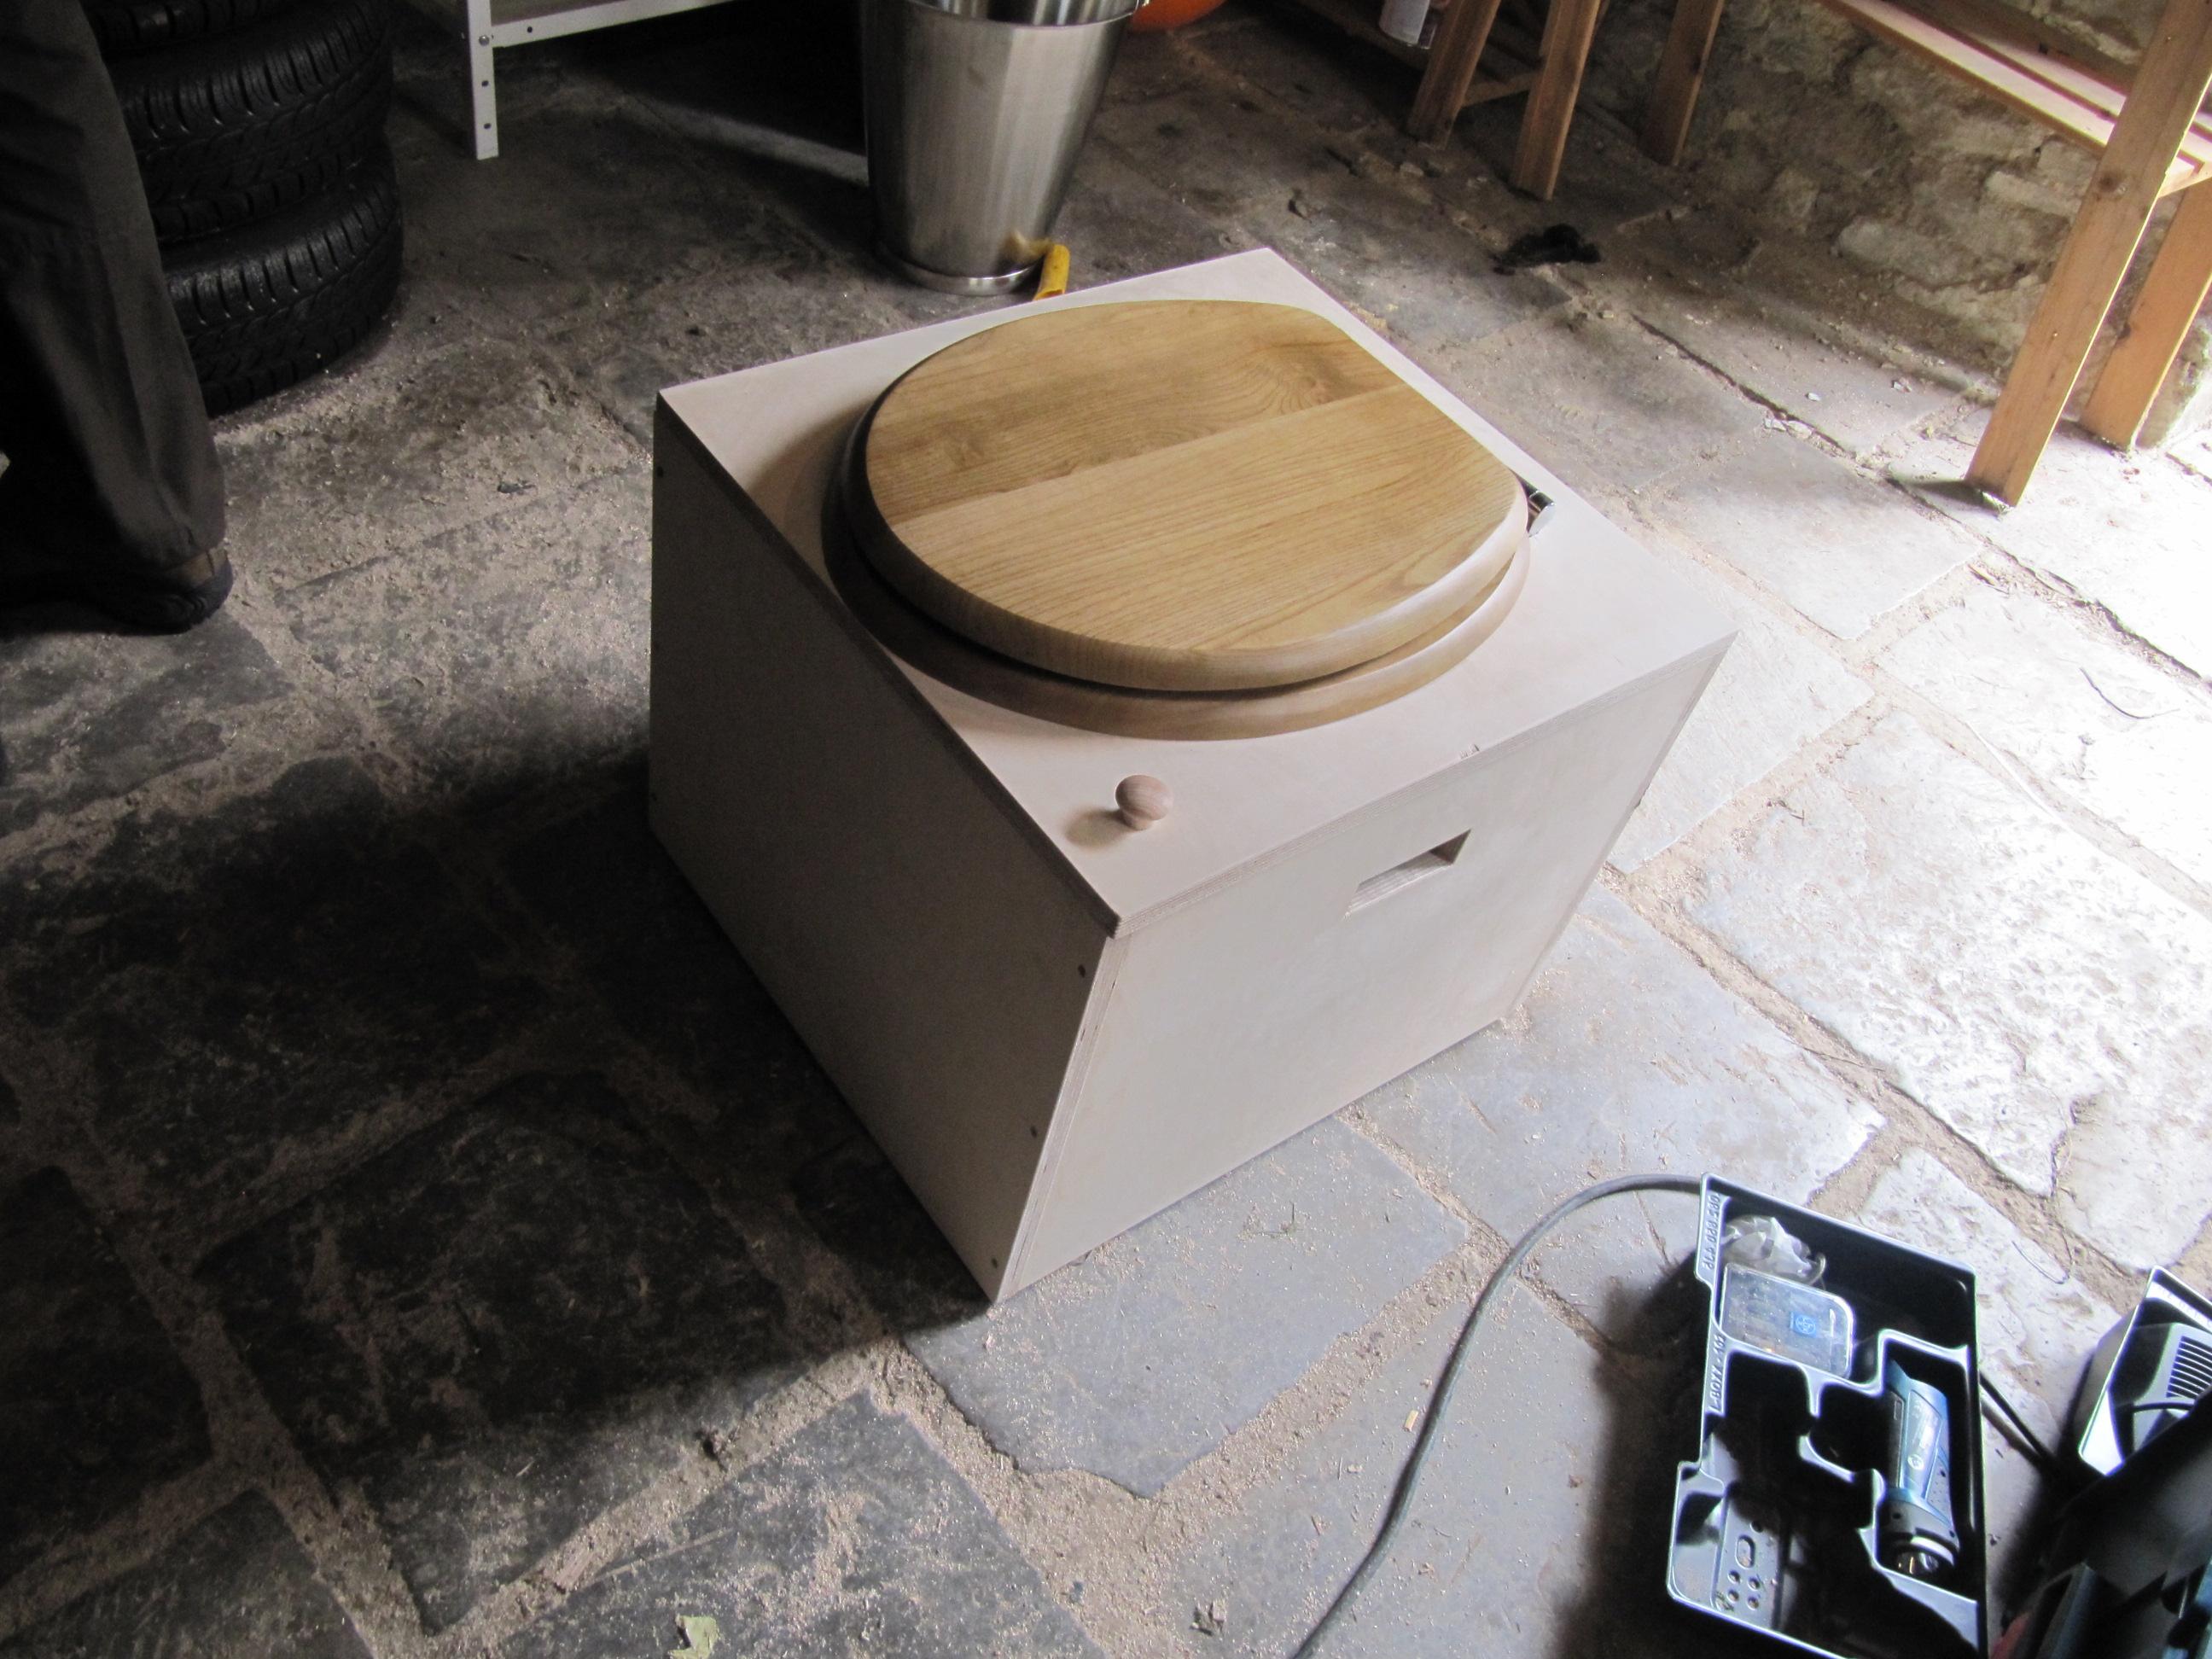 Atelier Fabrication De Toilettes Sèches | Les Fougères Asbl concernant Toilettes Seche